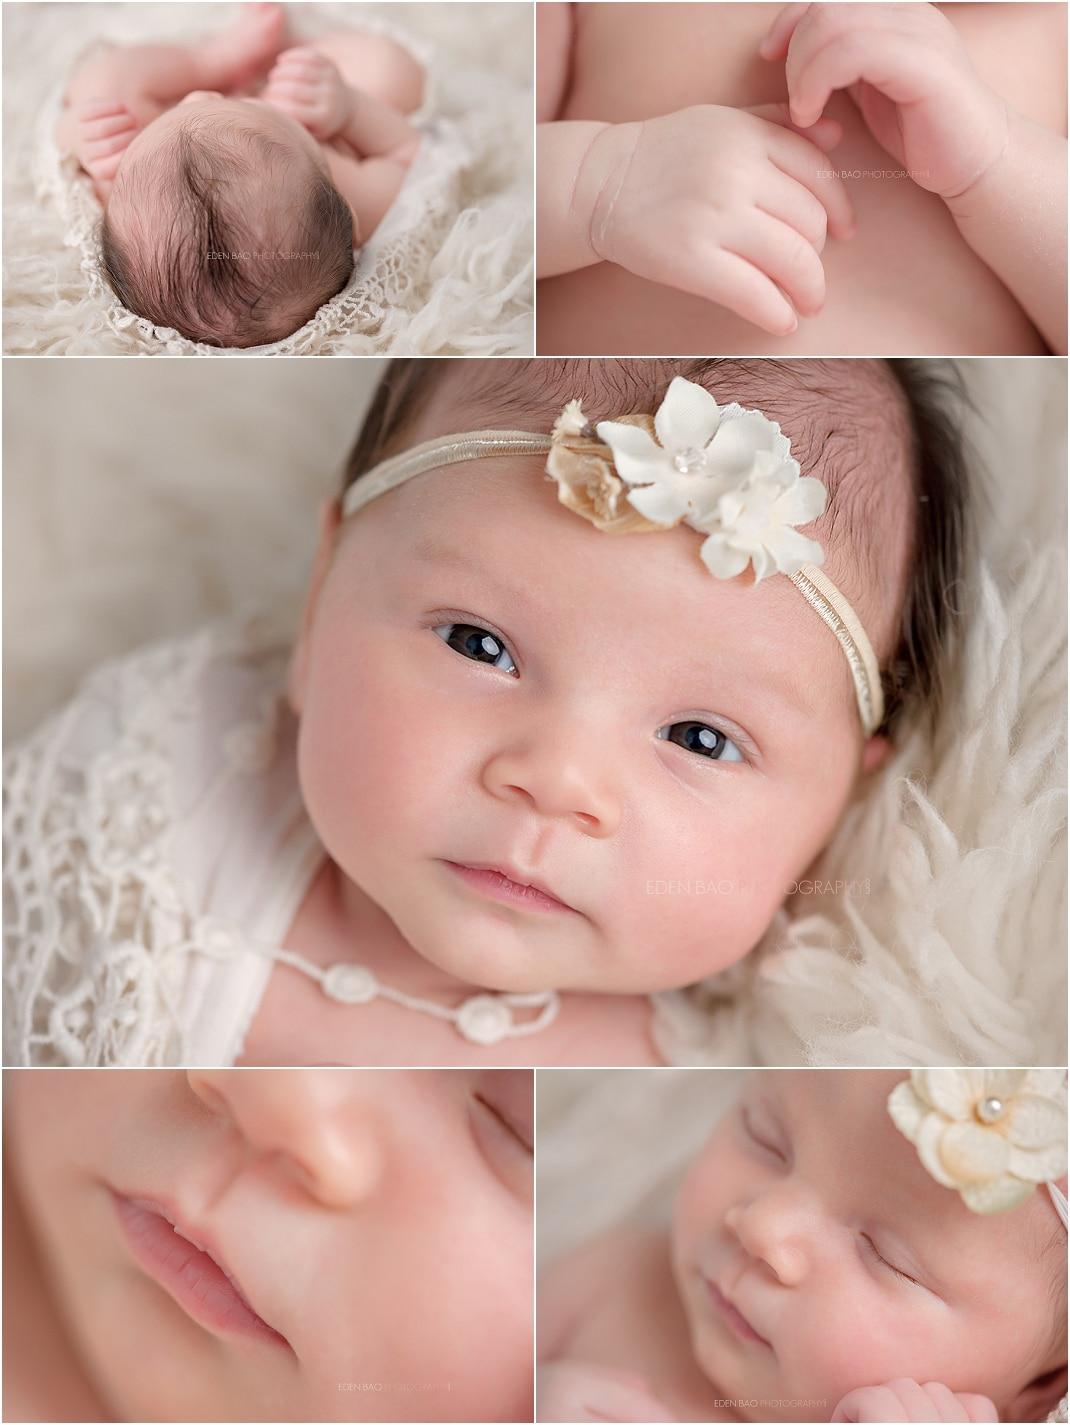 Newborn Photographer Northwest Seattle detail shots